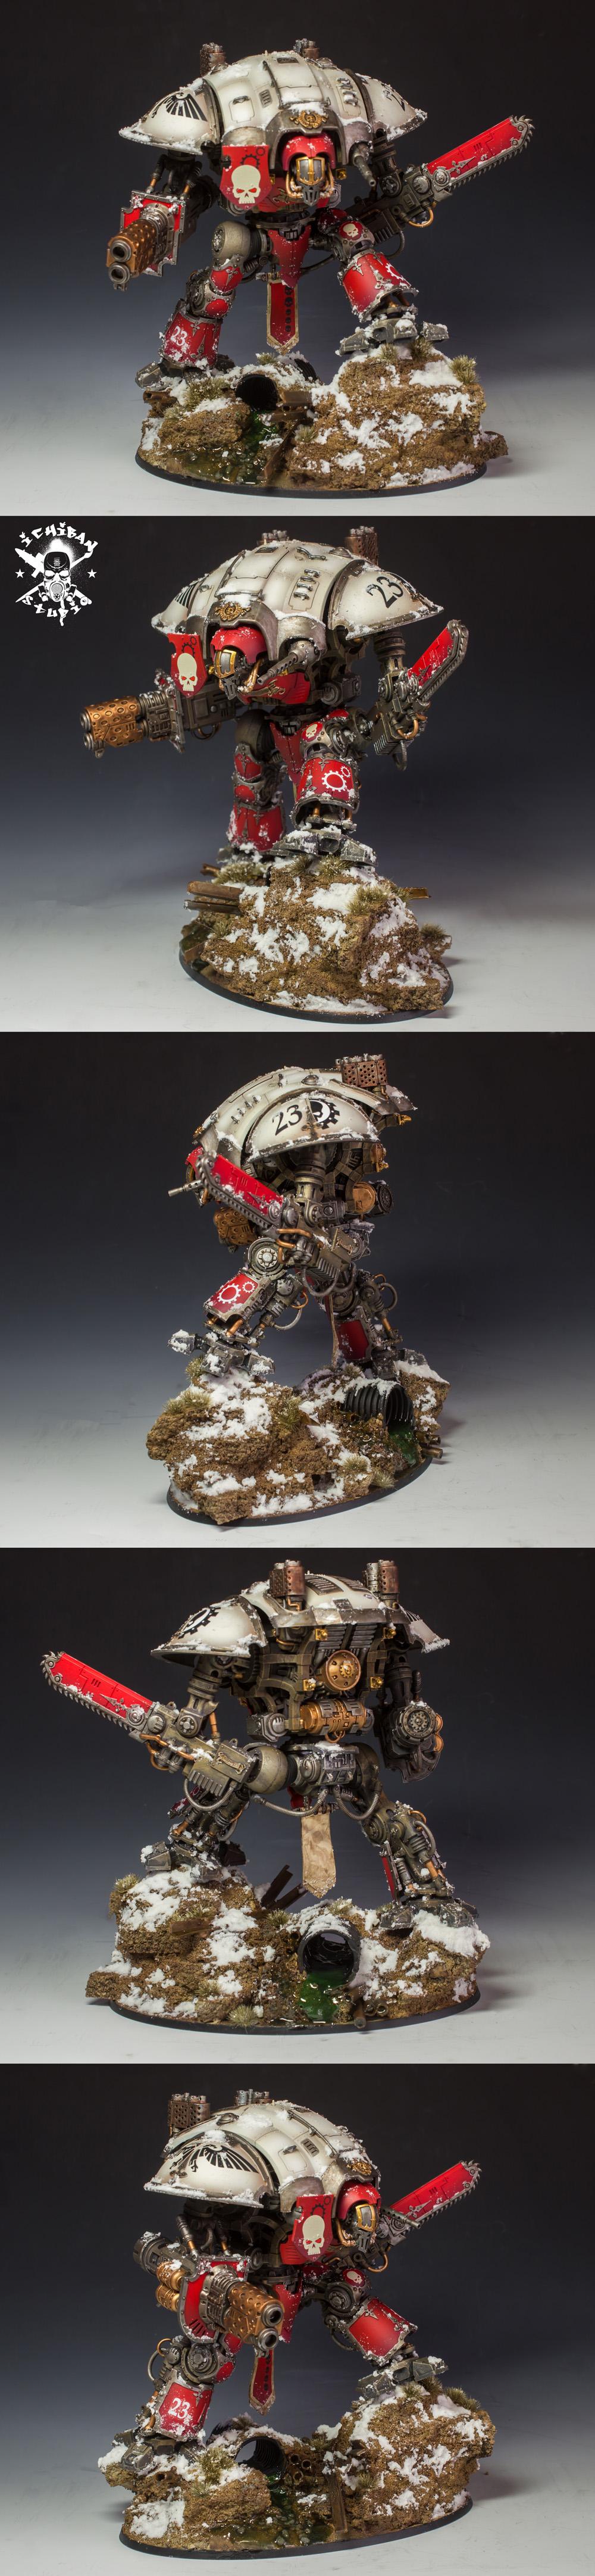 Caballeros Imperiales - Página 2 Img5369c887a0387